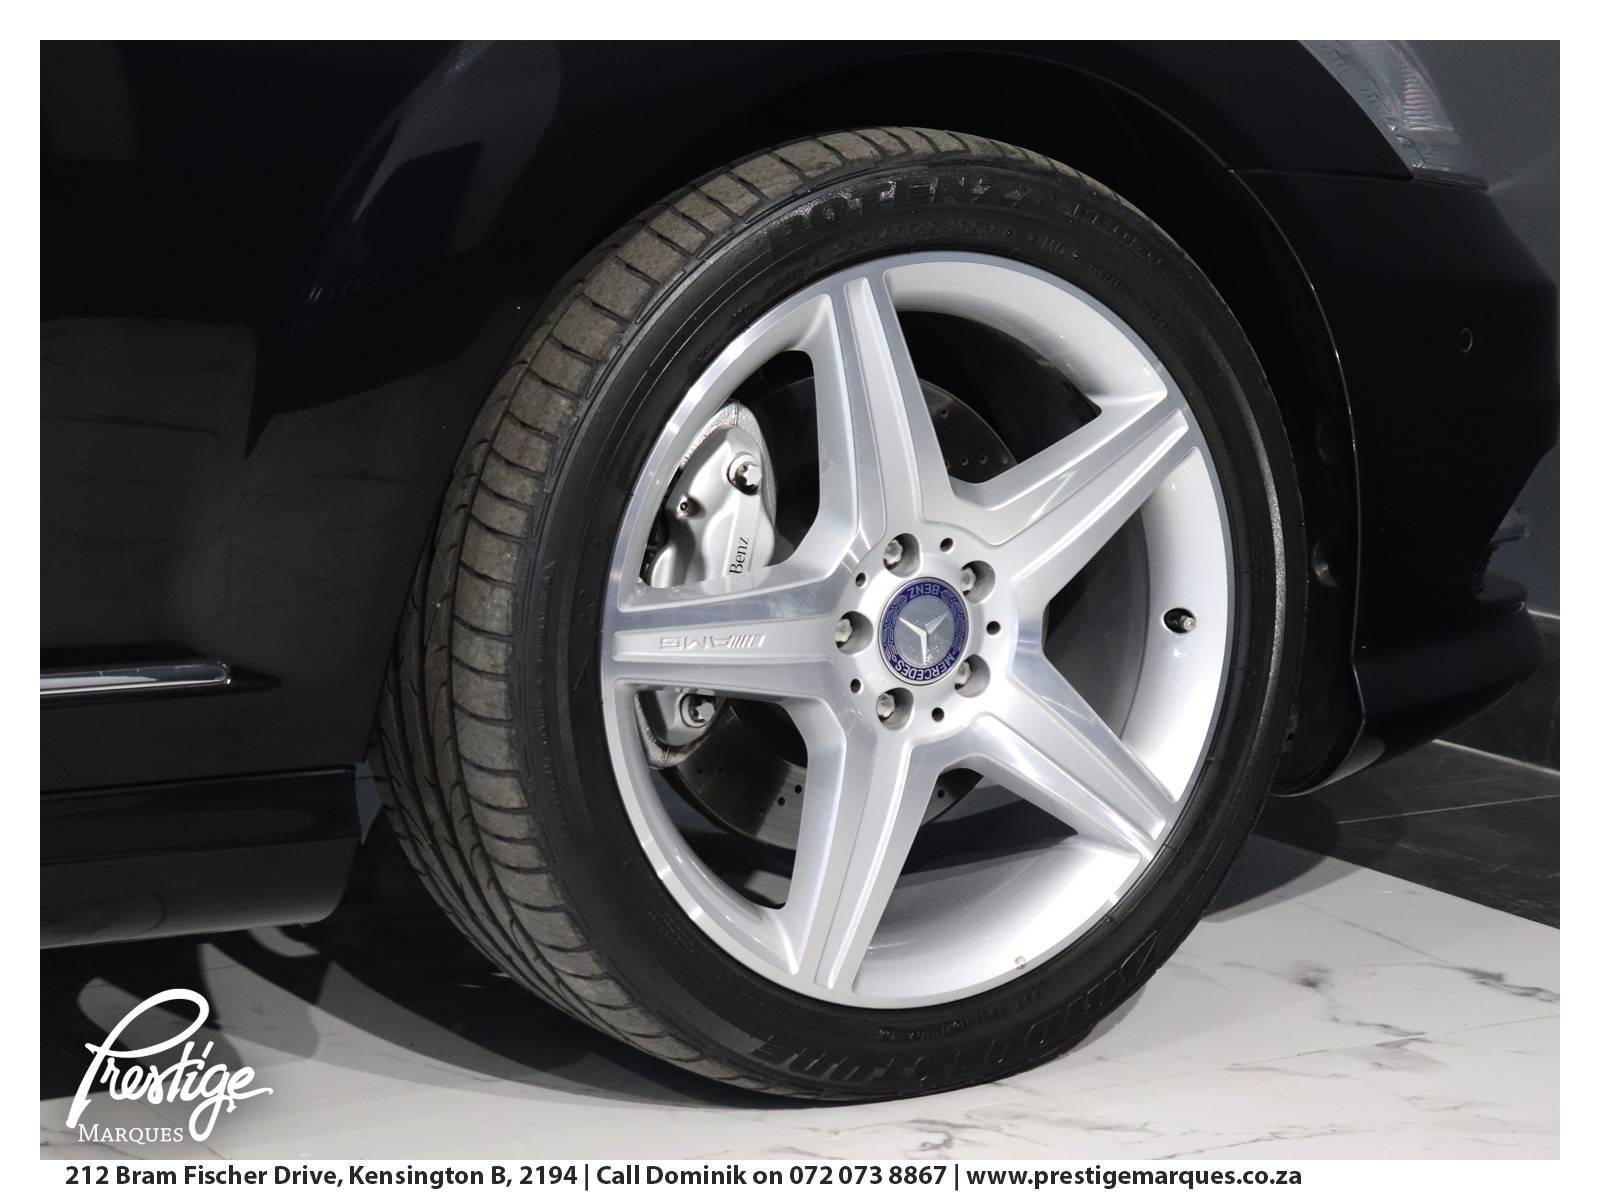 2011-Mercedes-Benz-S350-Prestige-Marques-Randburg-Sandton-8